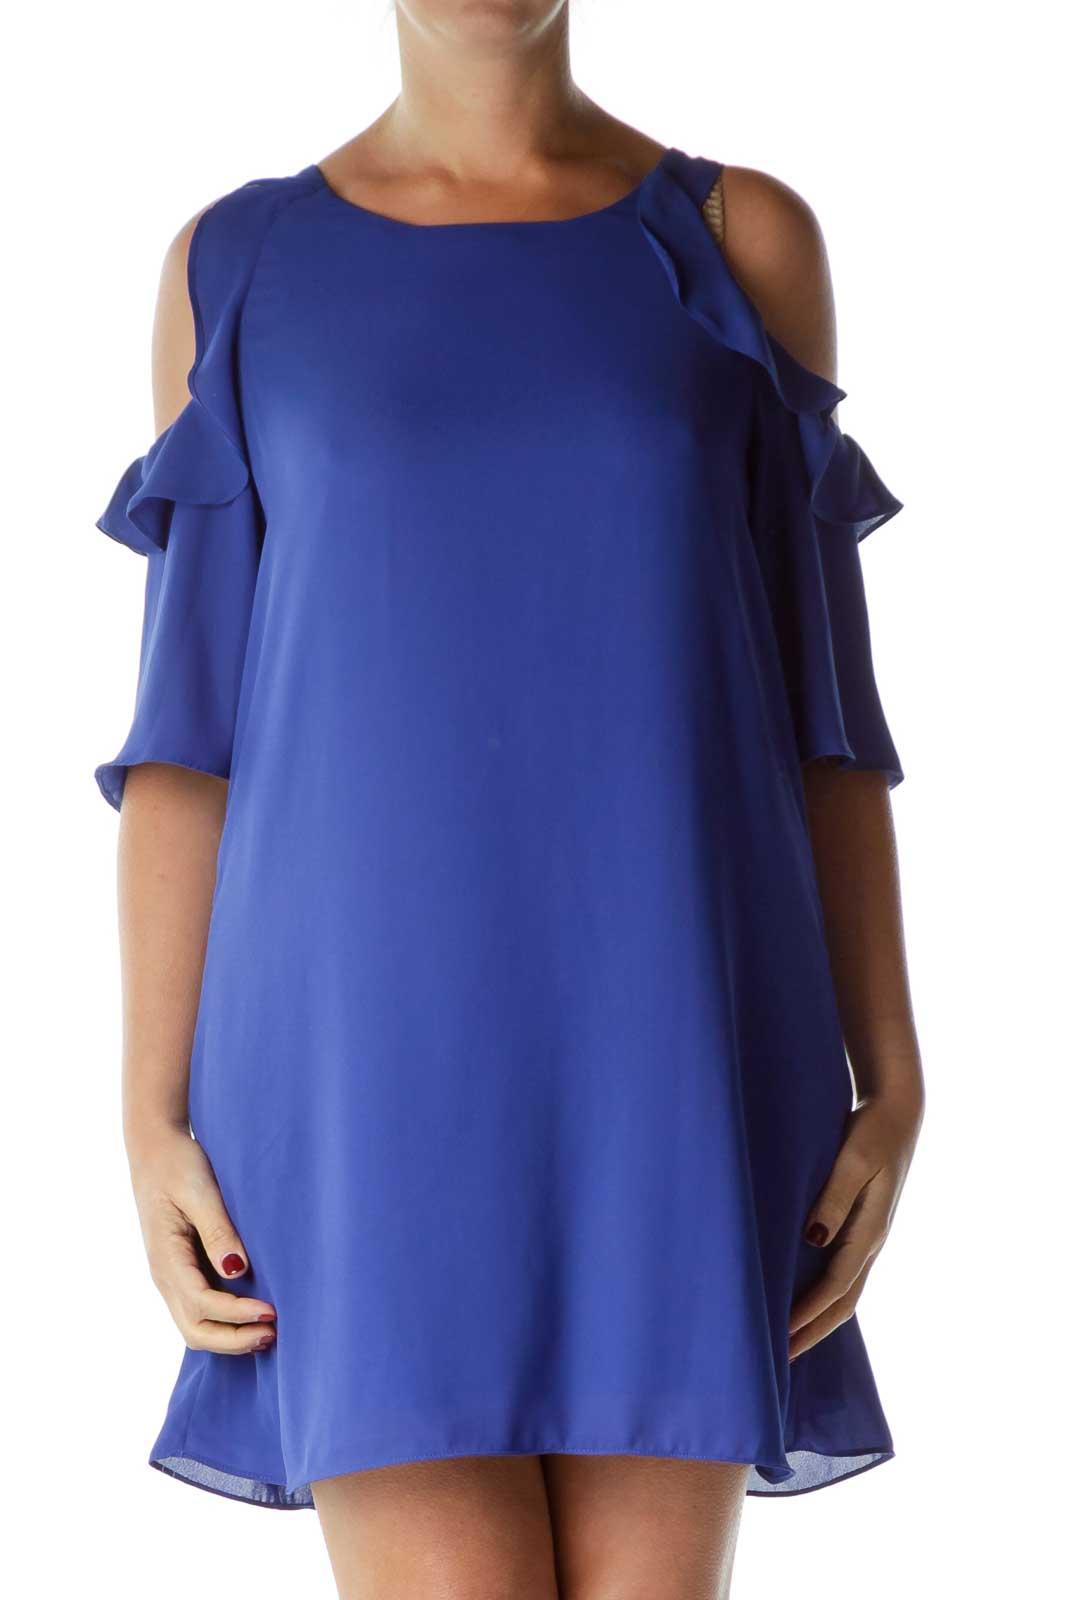 Blue Off-Shoulder Shift Dress Front